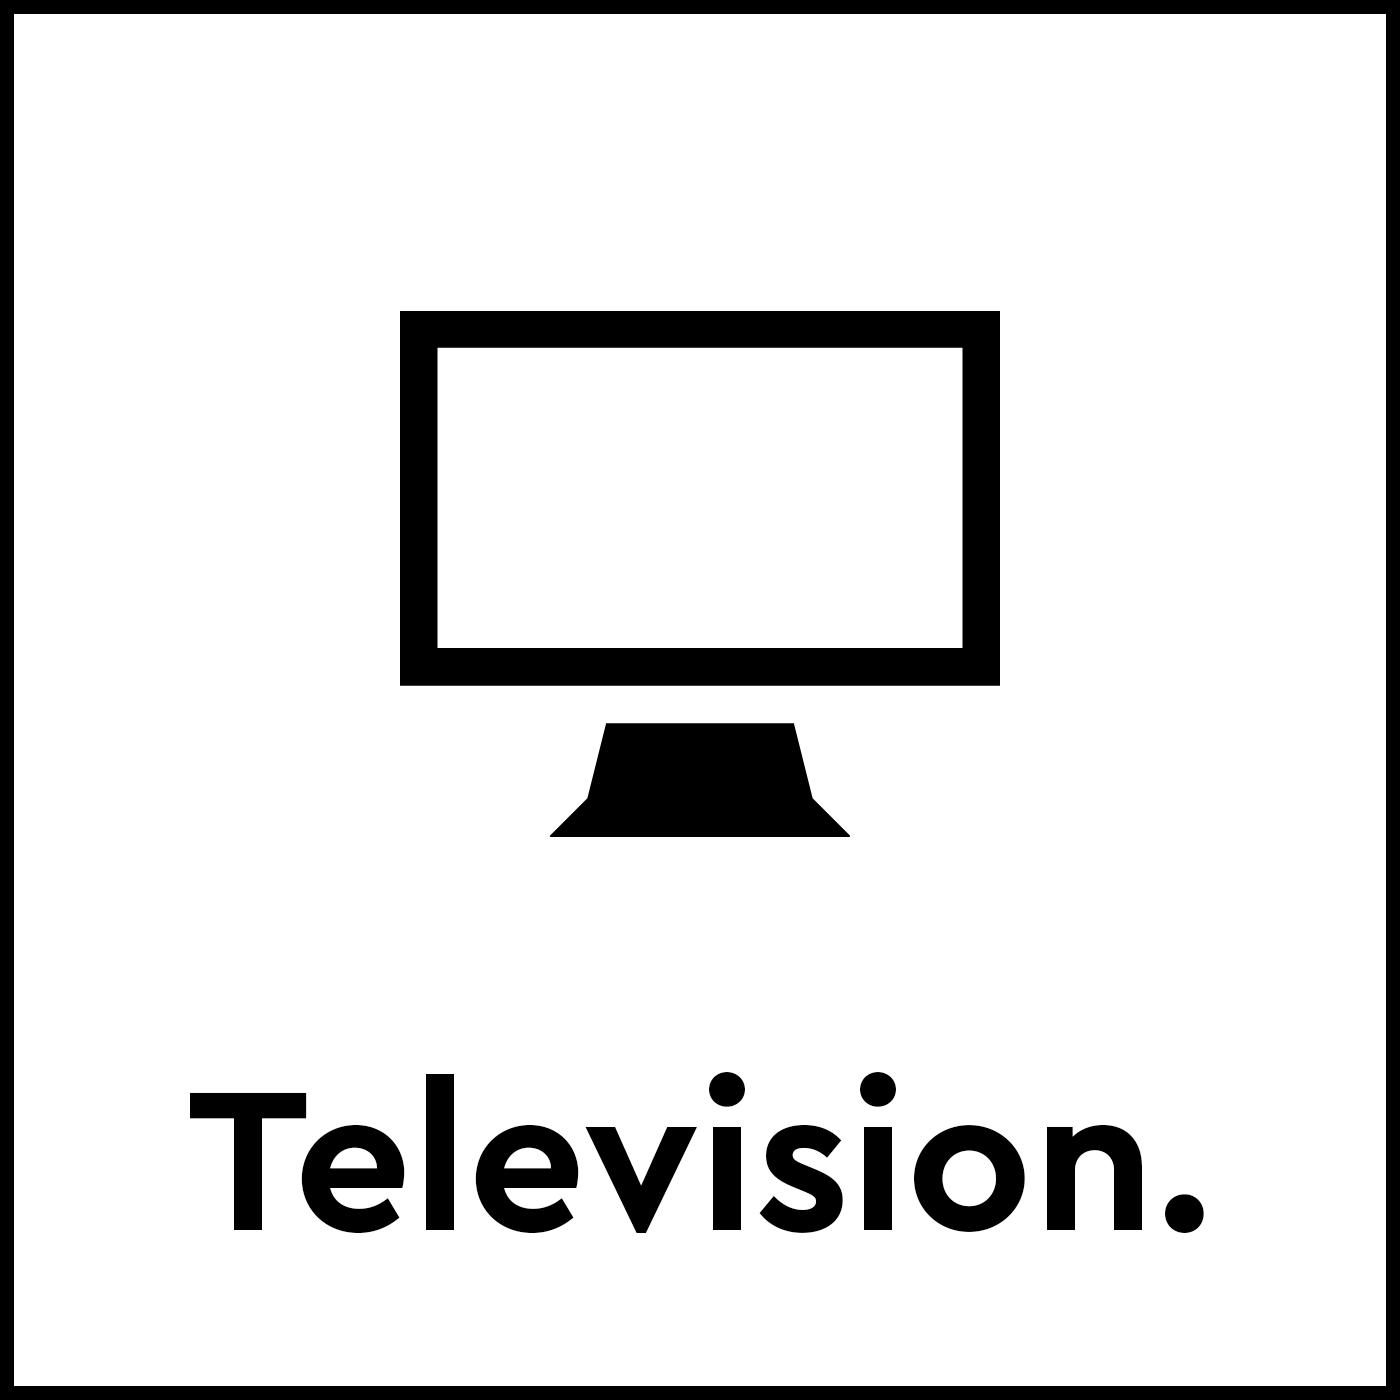 Bloc Smart Room Controls - TV Controls